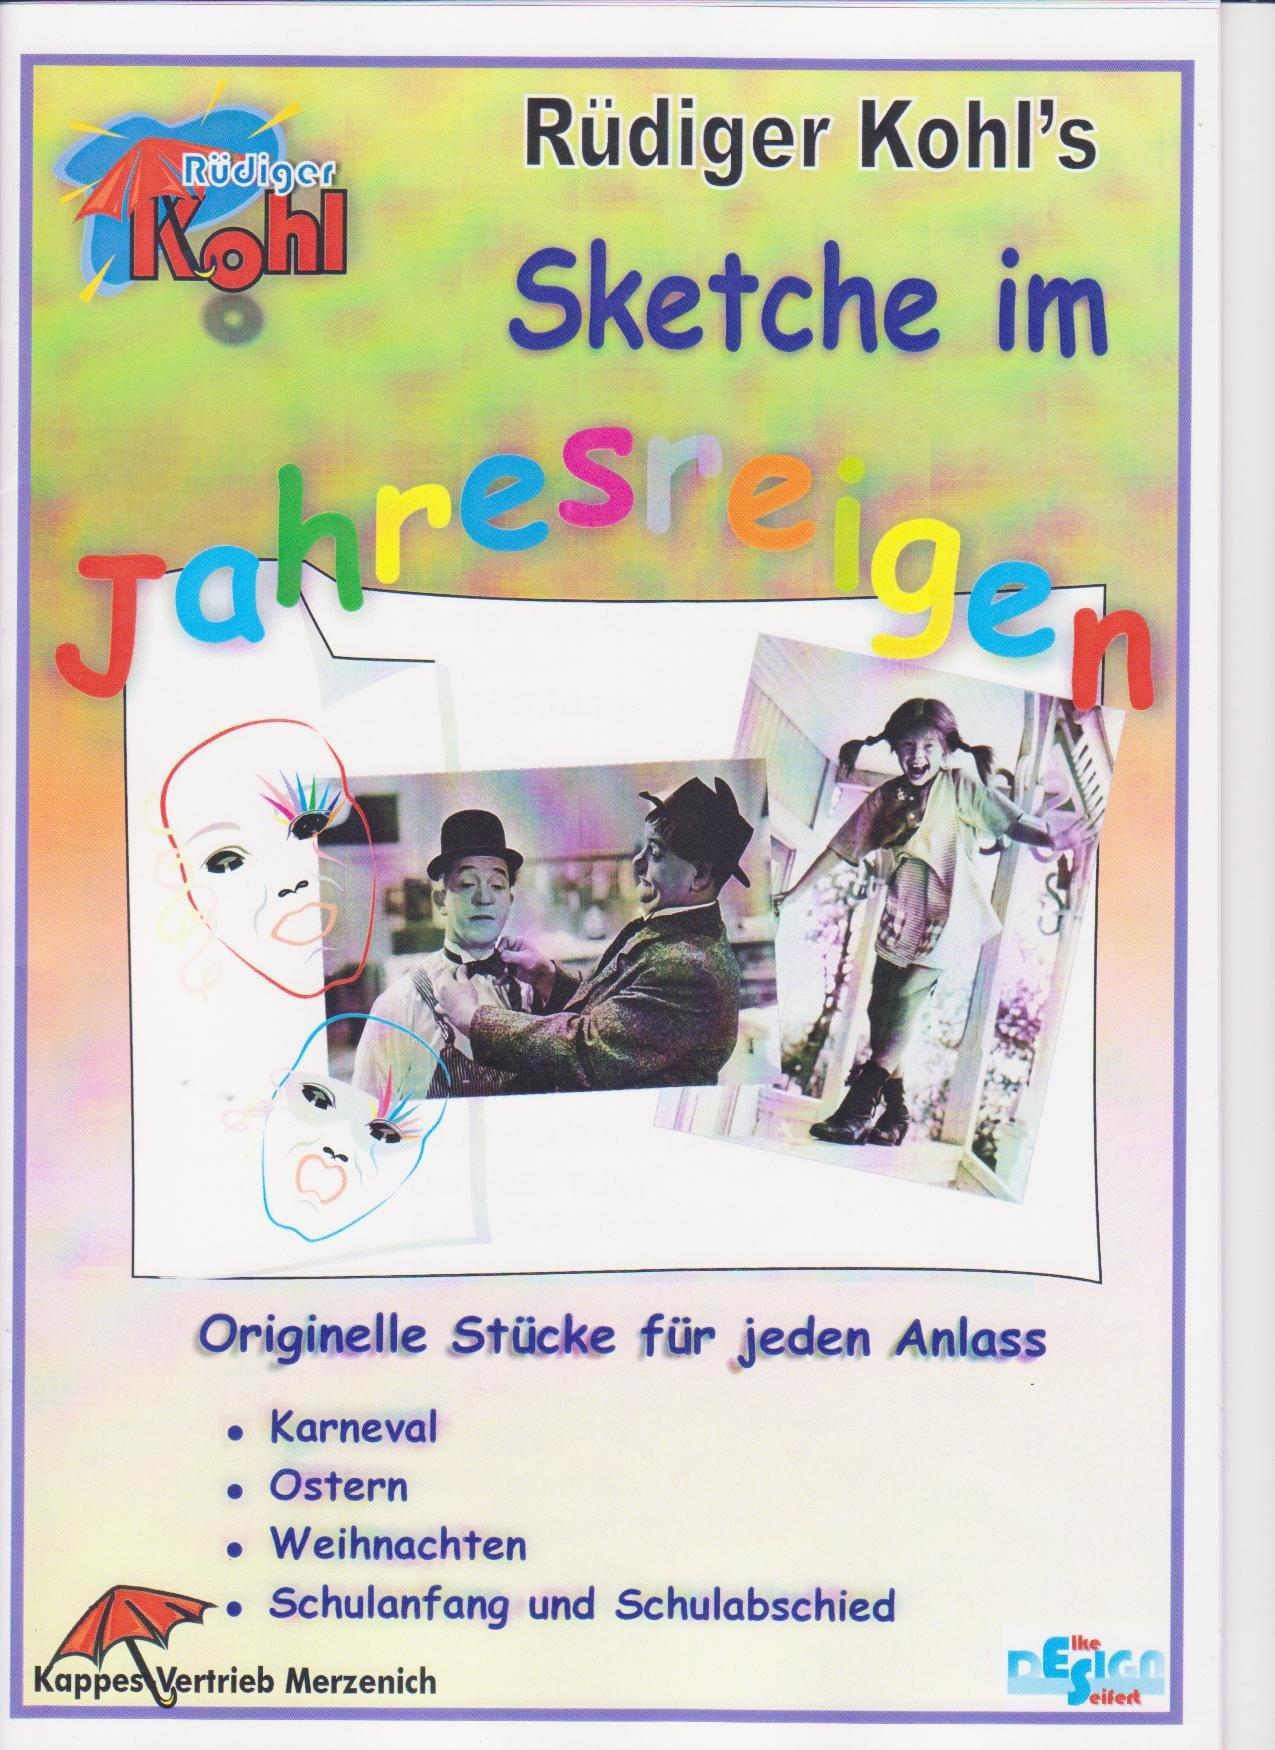 Sketche im Jahresreigen (Sketche): Amazon.de: Rüdiger Kohl: Bücher